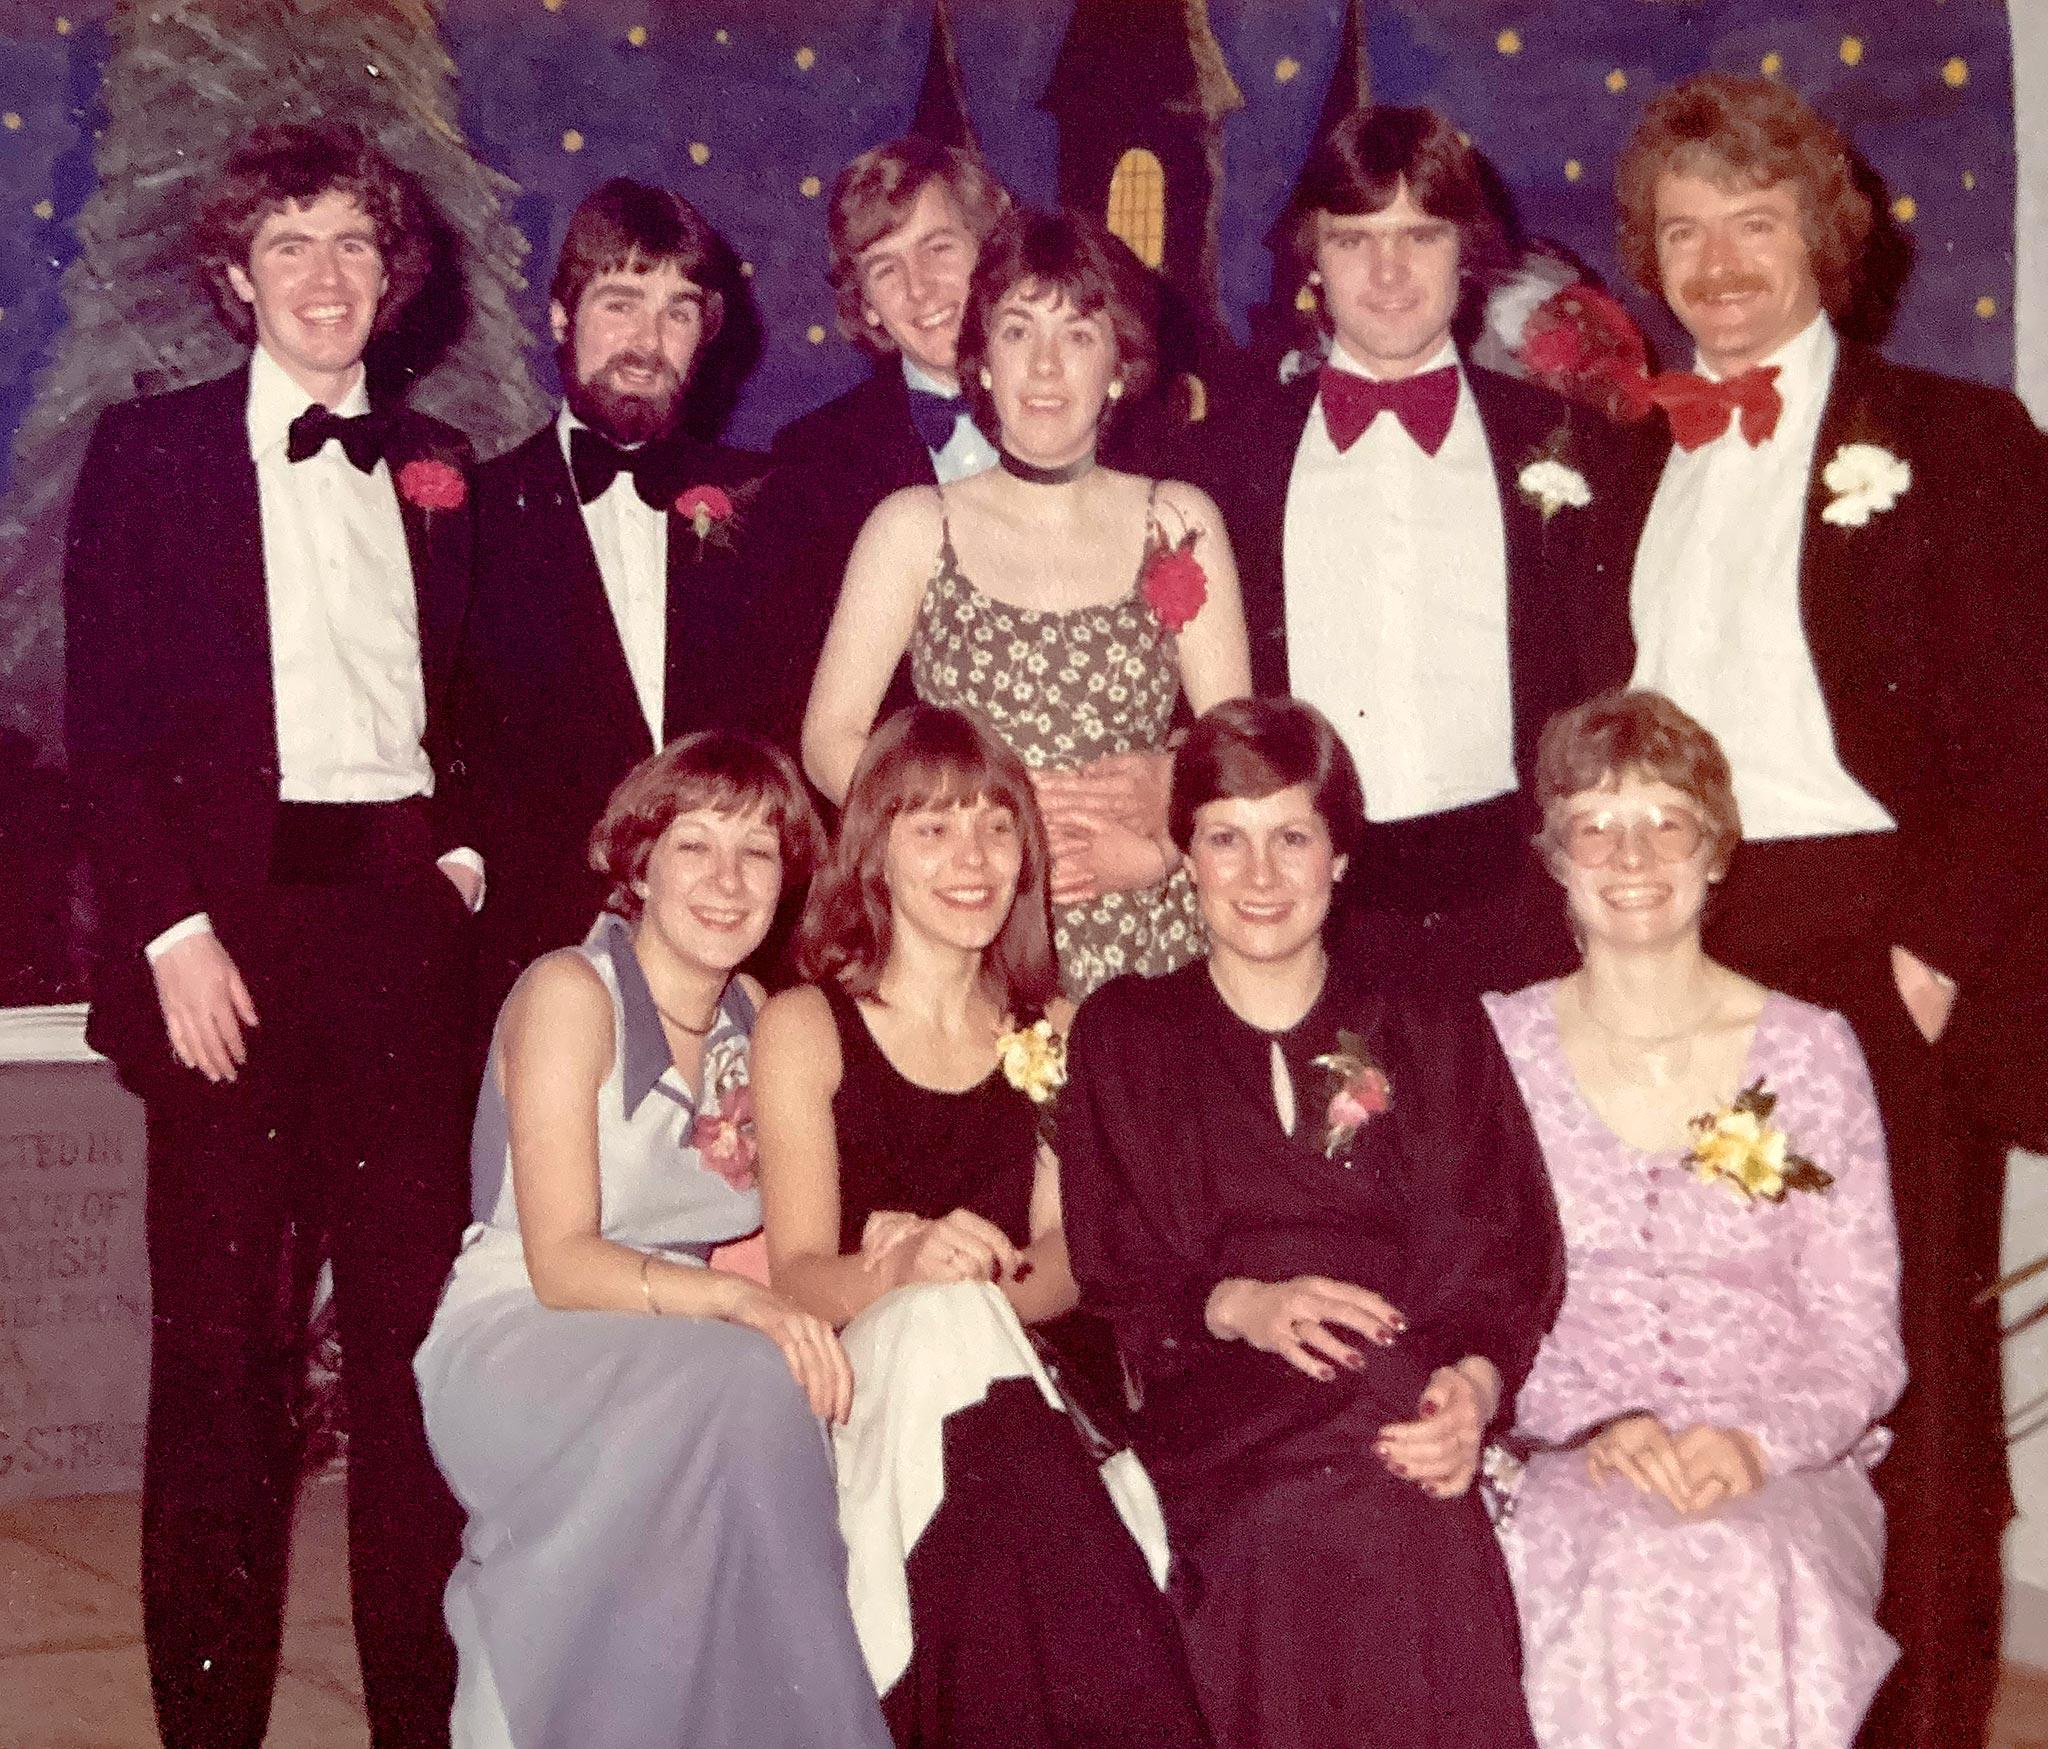 StAndrewsin yliopiston jalkapallokerhon illallistanssiaisissa. Kirjoittaja Vuokon mekossa alarivissä toinen vasemmalta.